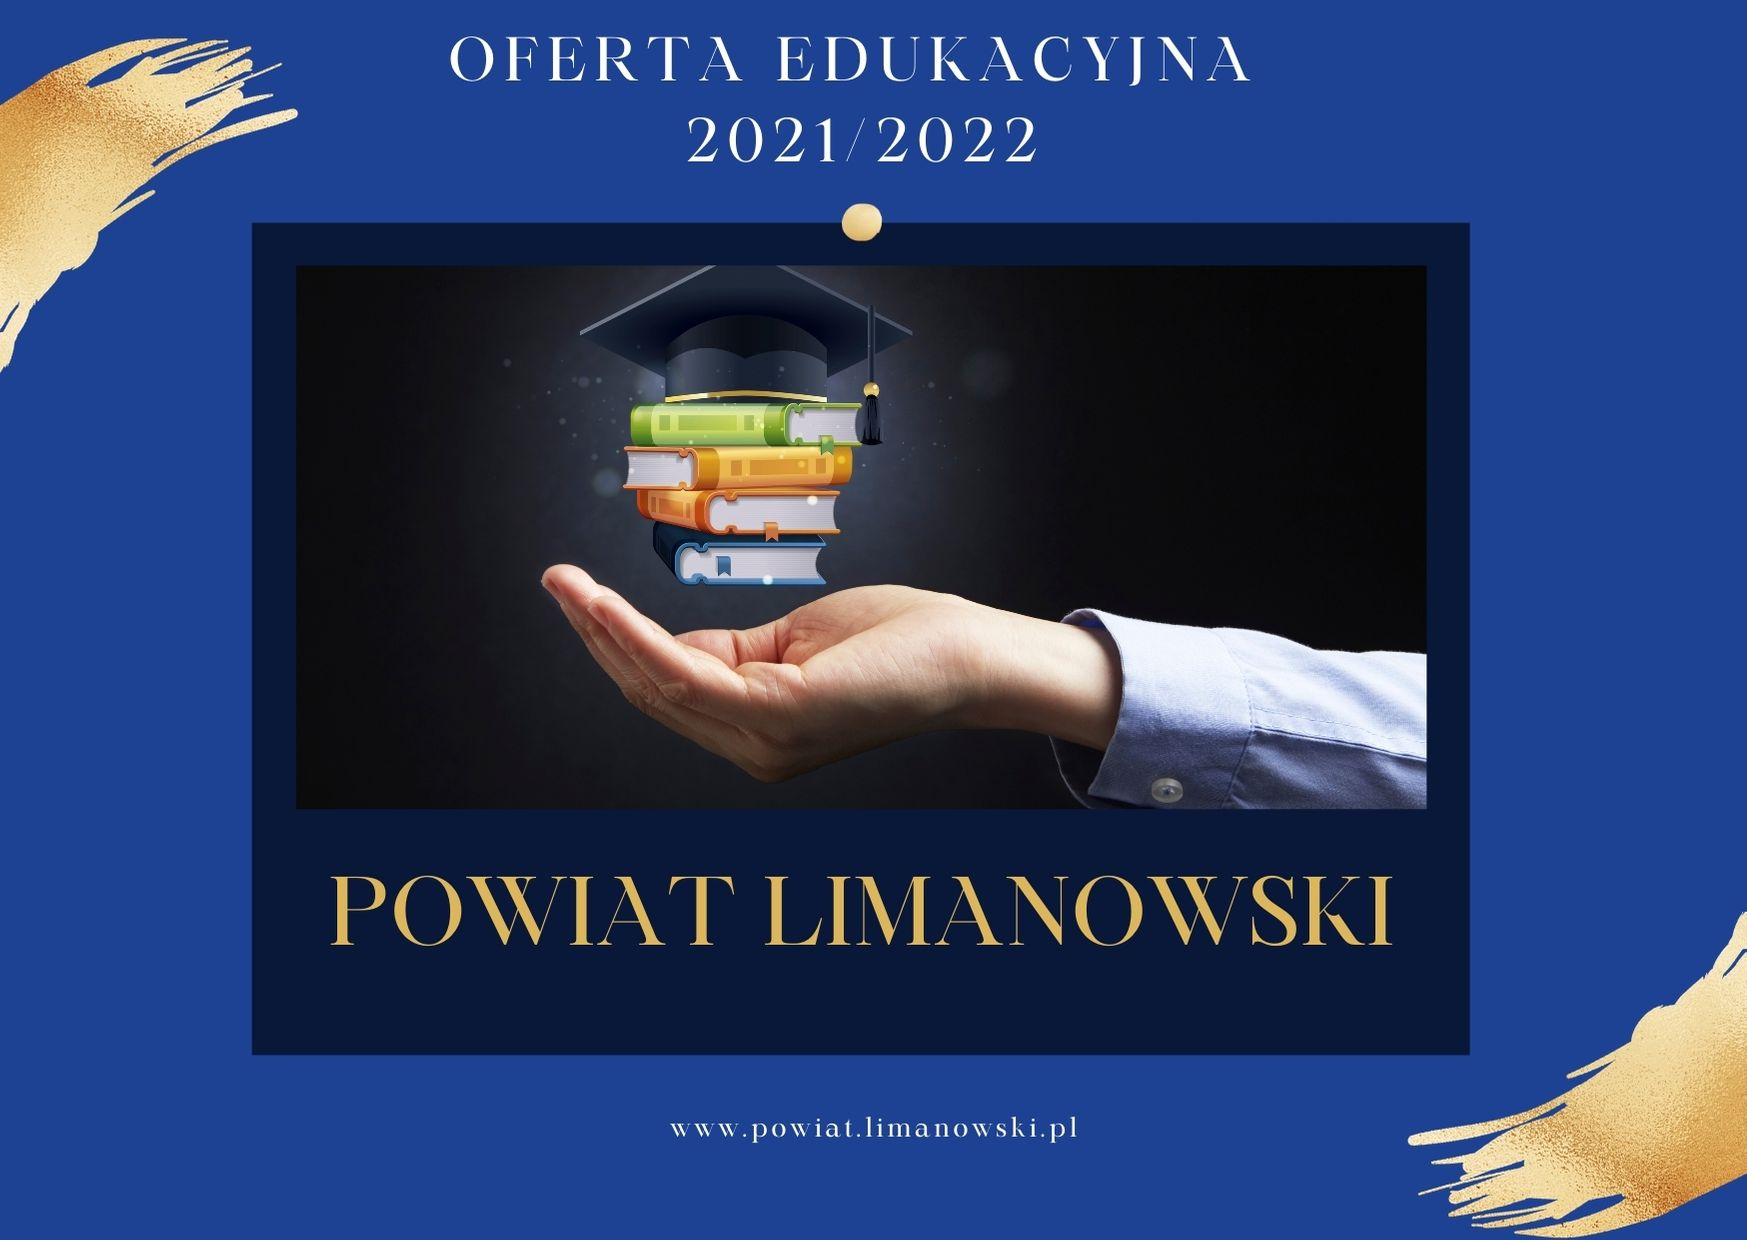 Oferta edukacyna na rok 2021/ 2021. Powiat Limanowski. Dłoń nad którą są ułożone książki i czapka absolwenta